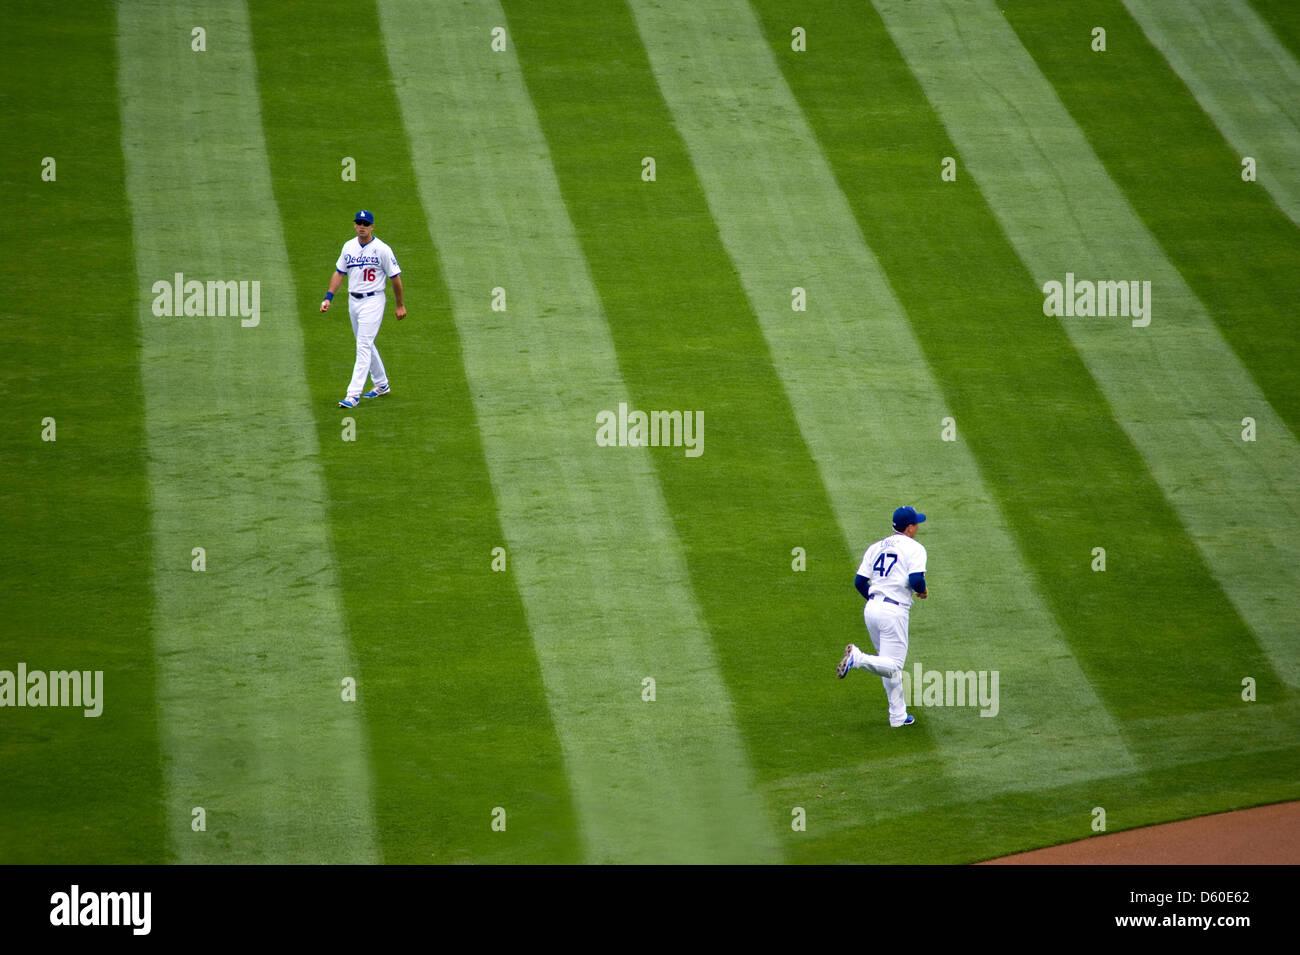 29b71e0c58247 Los Angeles Dodgers jugadores corren en el outfield como parte del pre-juego  acondicionado.